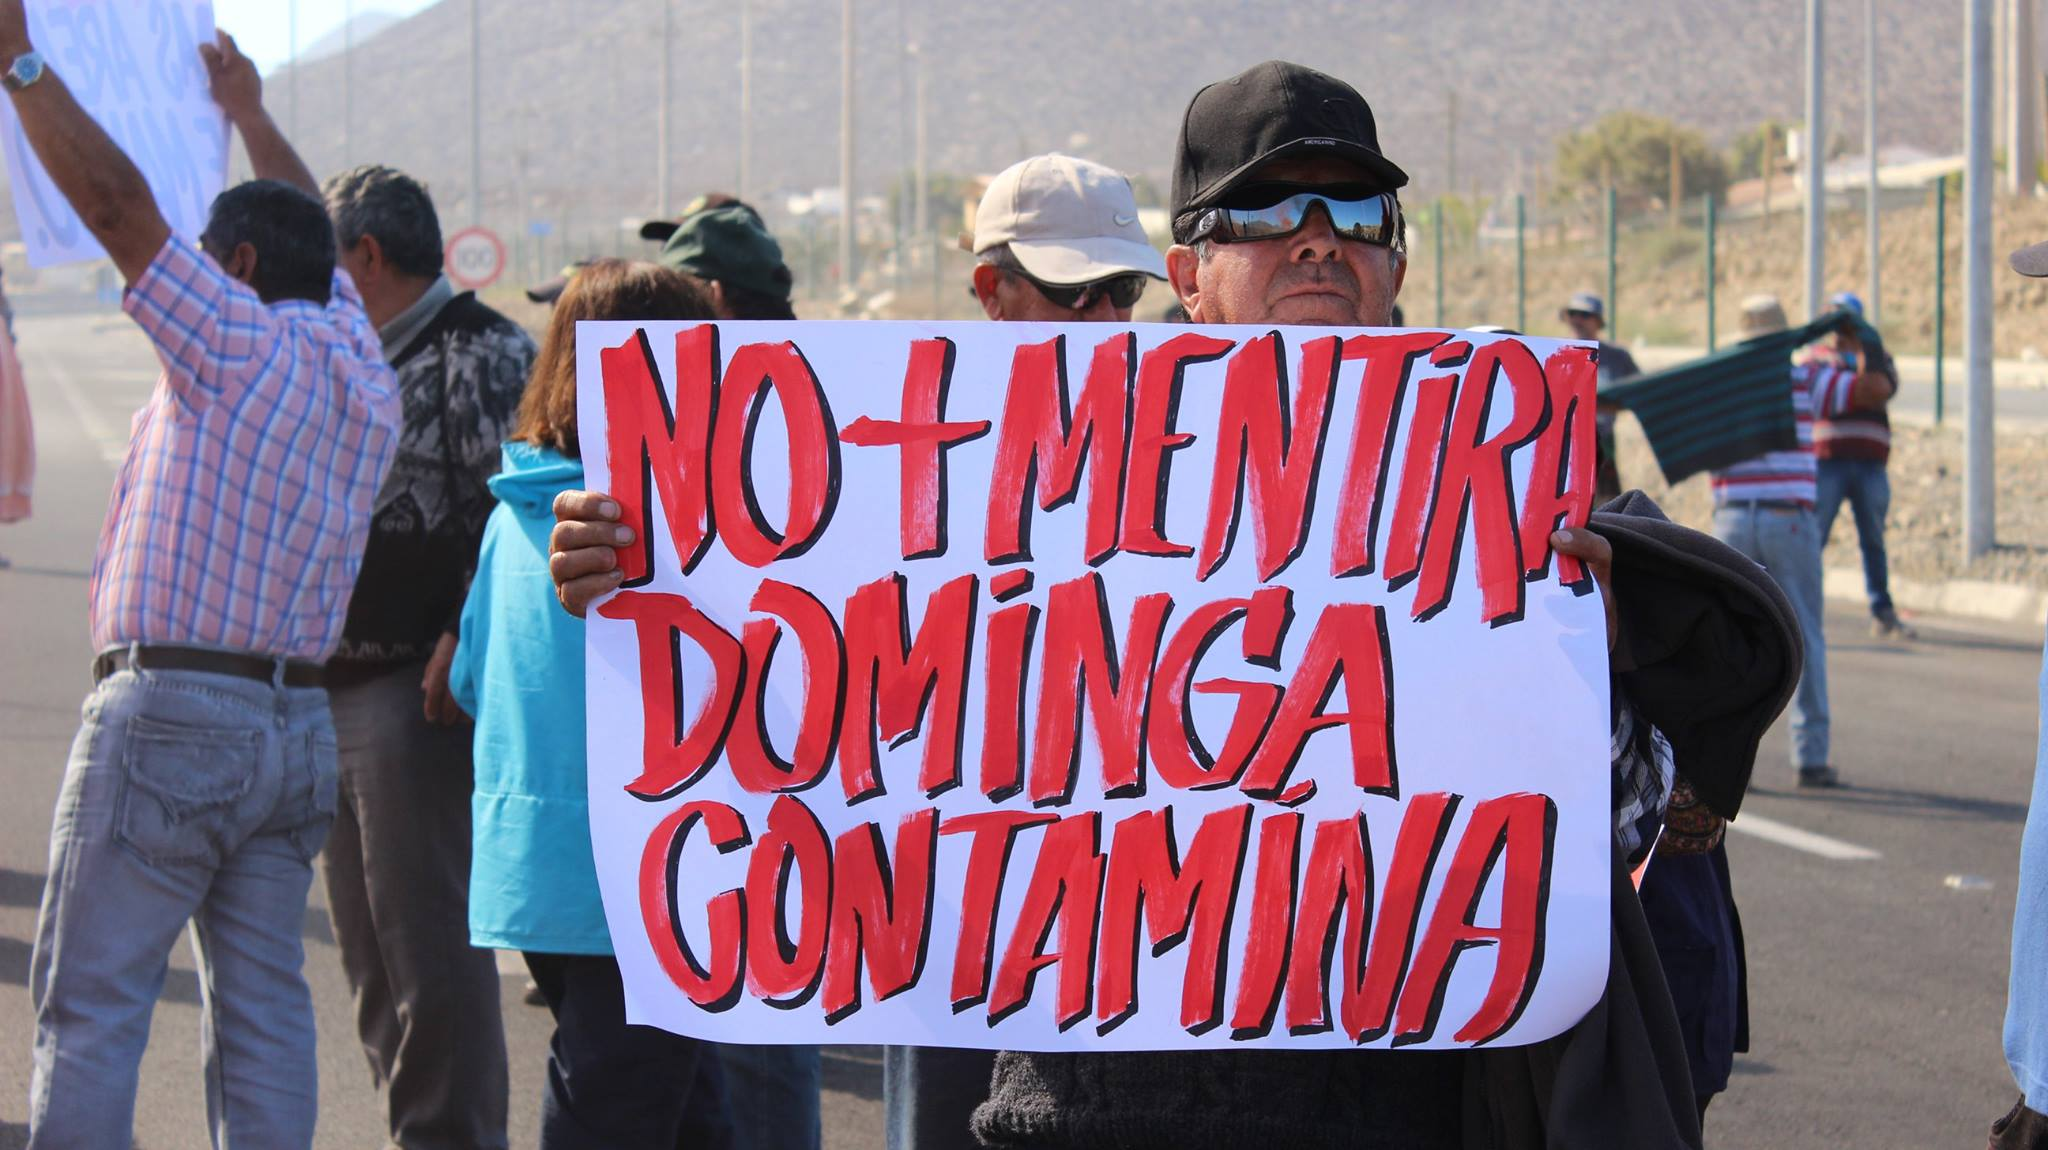 Andes Iron busca revertir rechazo a Dominga en Tribunal Ambiental e intenta dividir a la comunidad